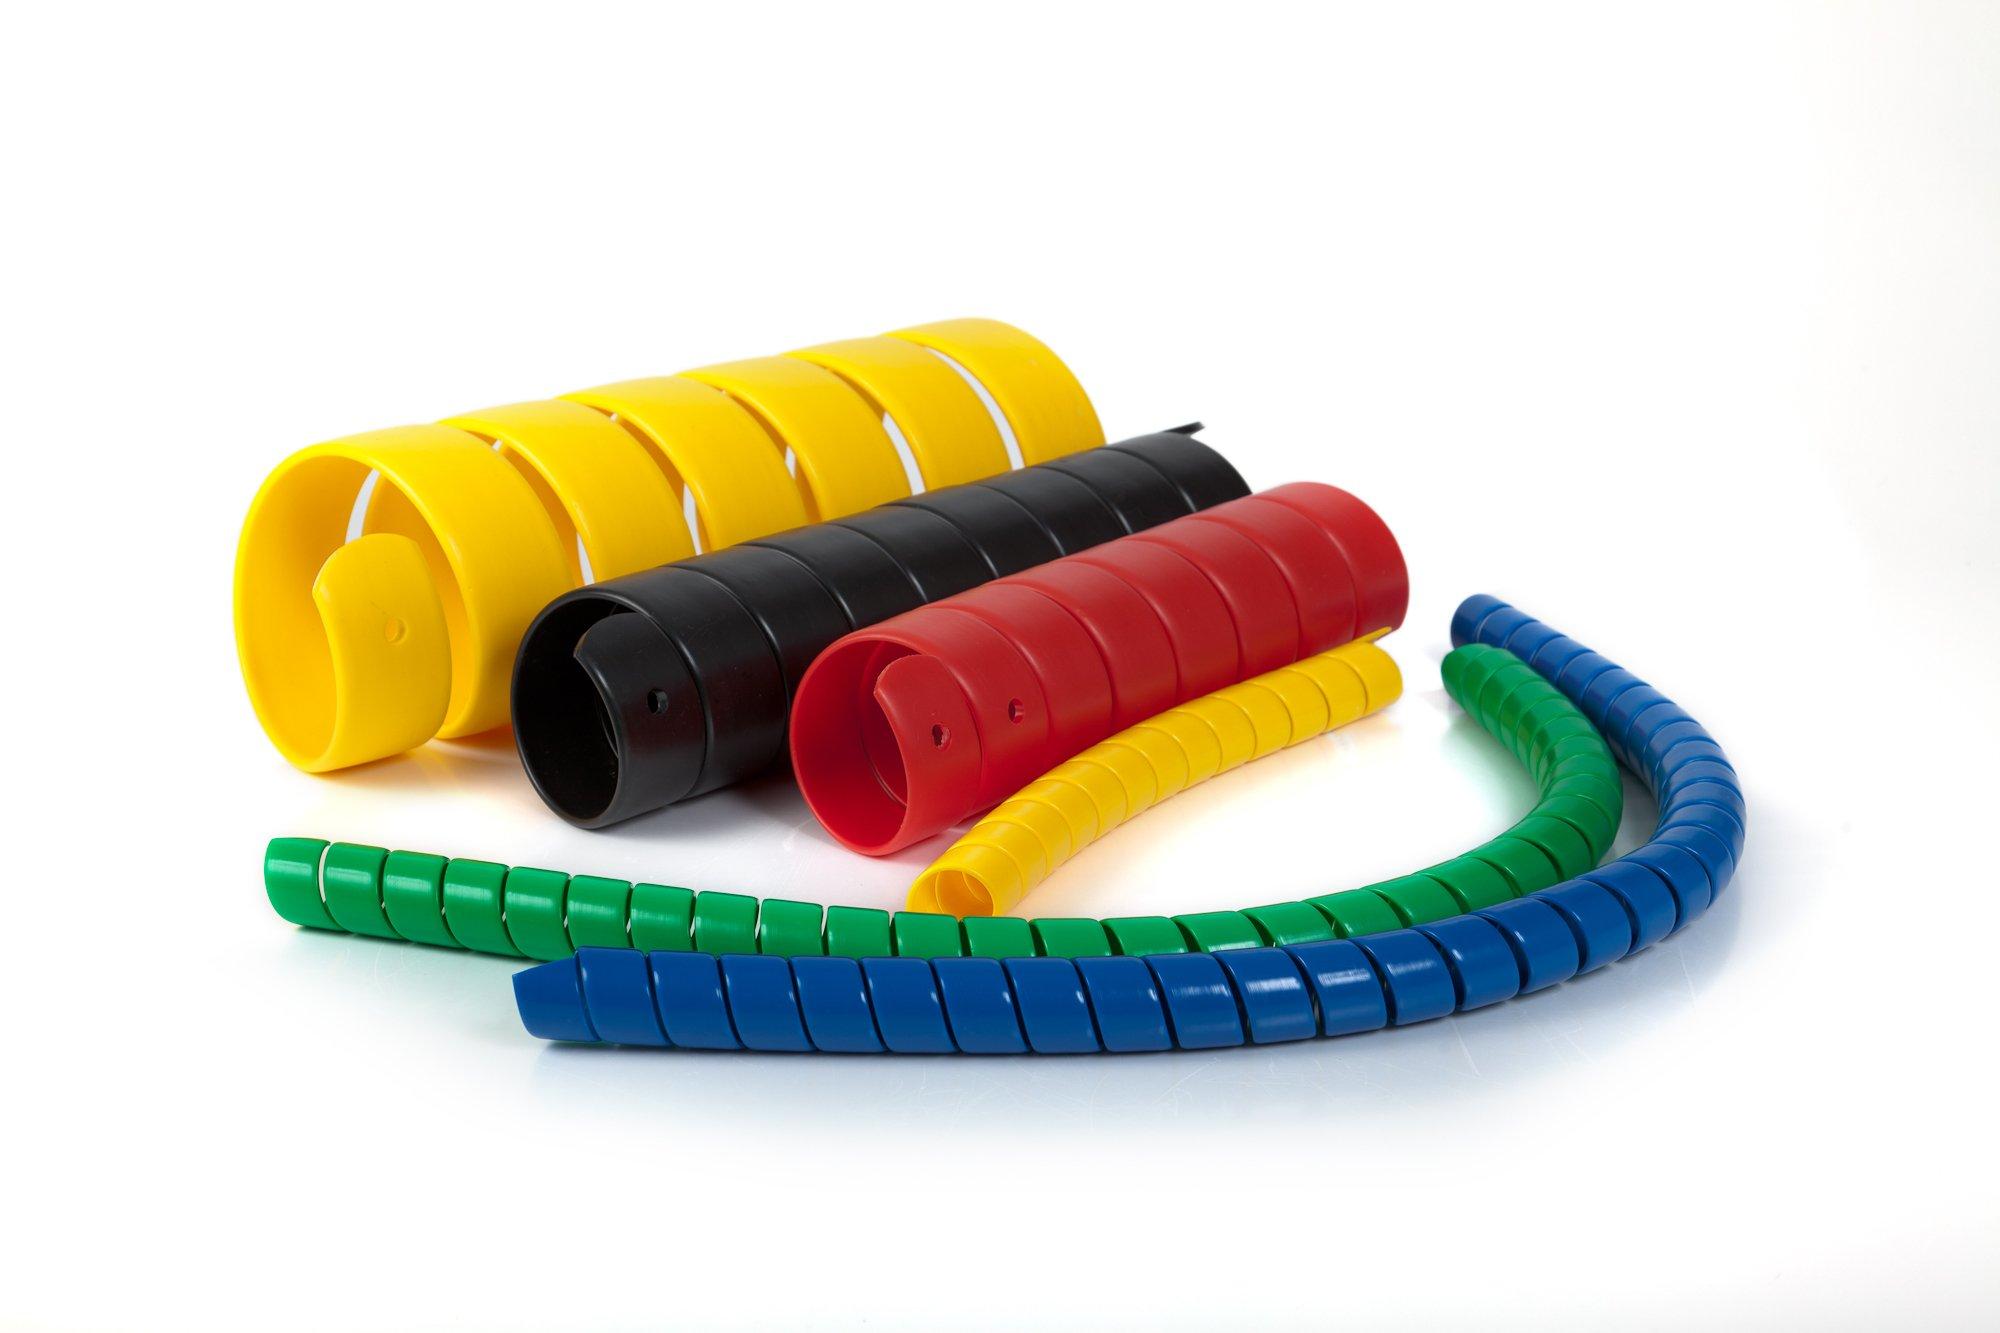 Spiral Wrap Hose Protector, 3/4'' OD, 100' Length, Black by Safe-Spiral (Image #6)